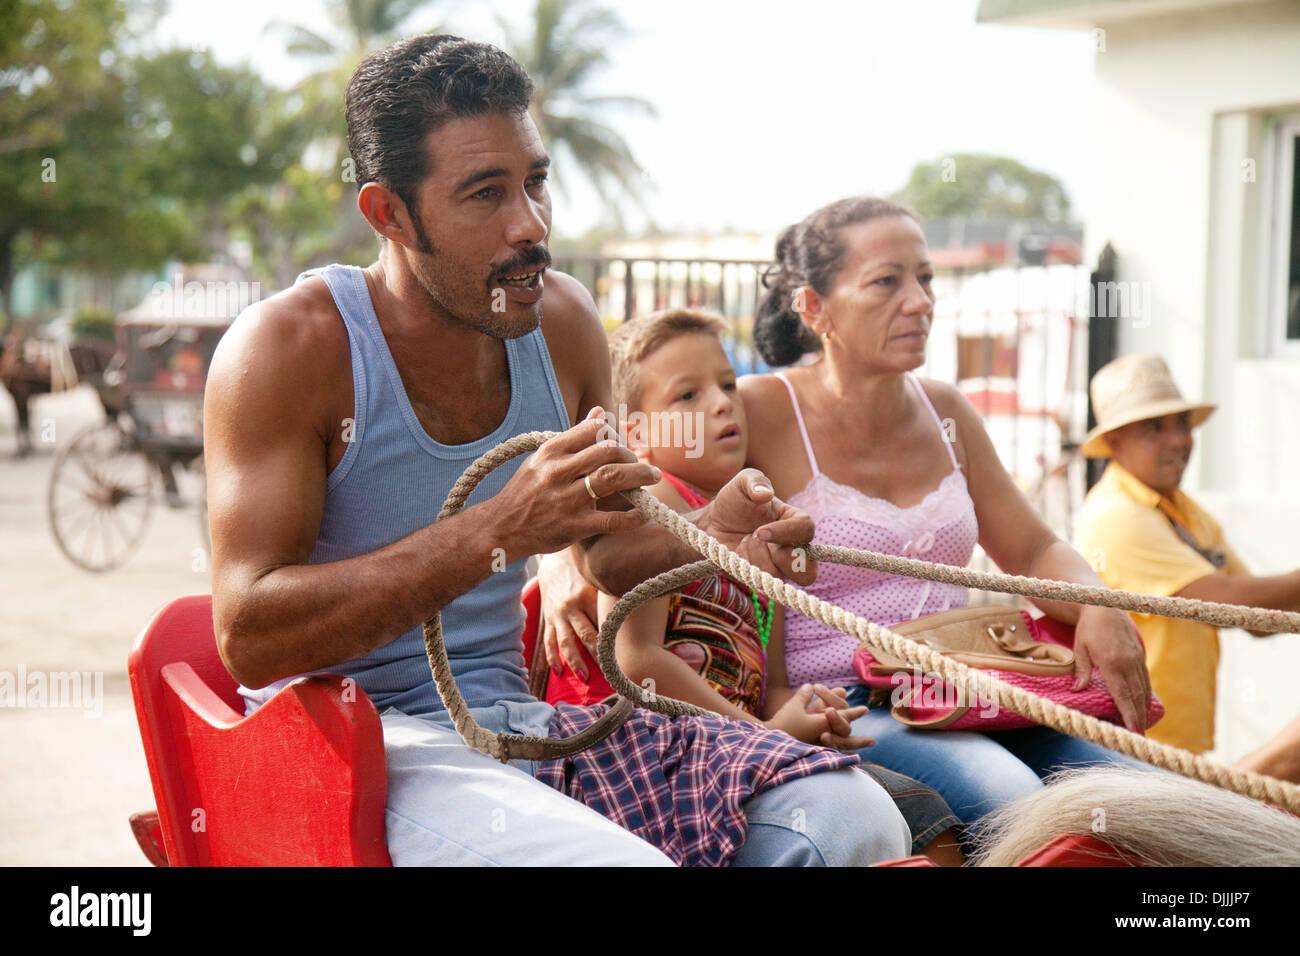 Kuba eine kubanische Familie - Mutter, Vater und Sohn in einem Pferd und Wagen, Havanna, Kuba, Karibik, Lateinamerika Stockfoto